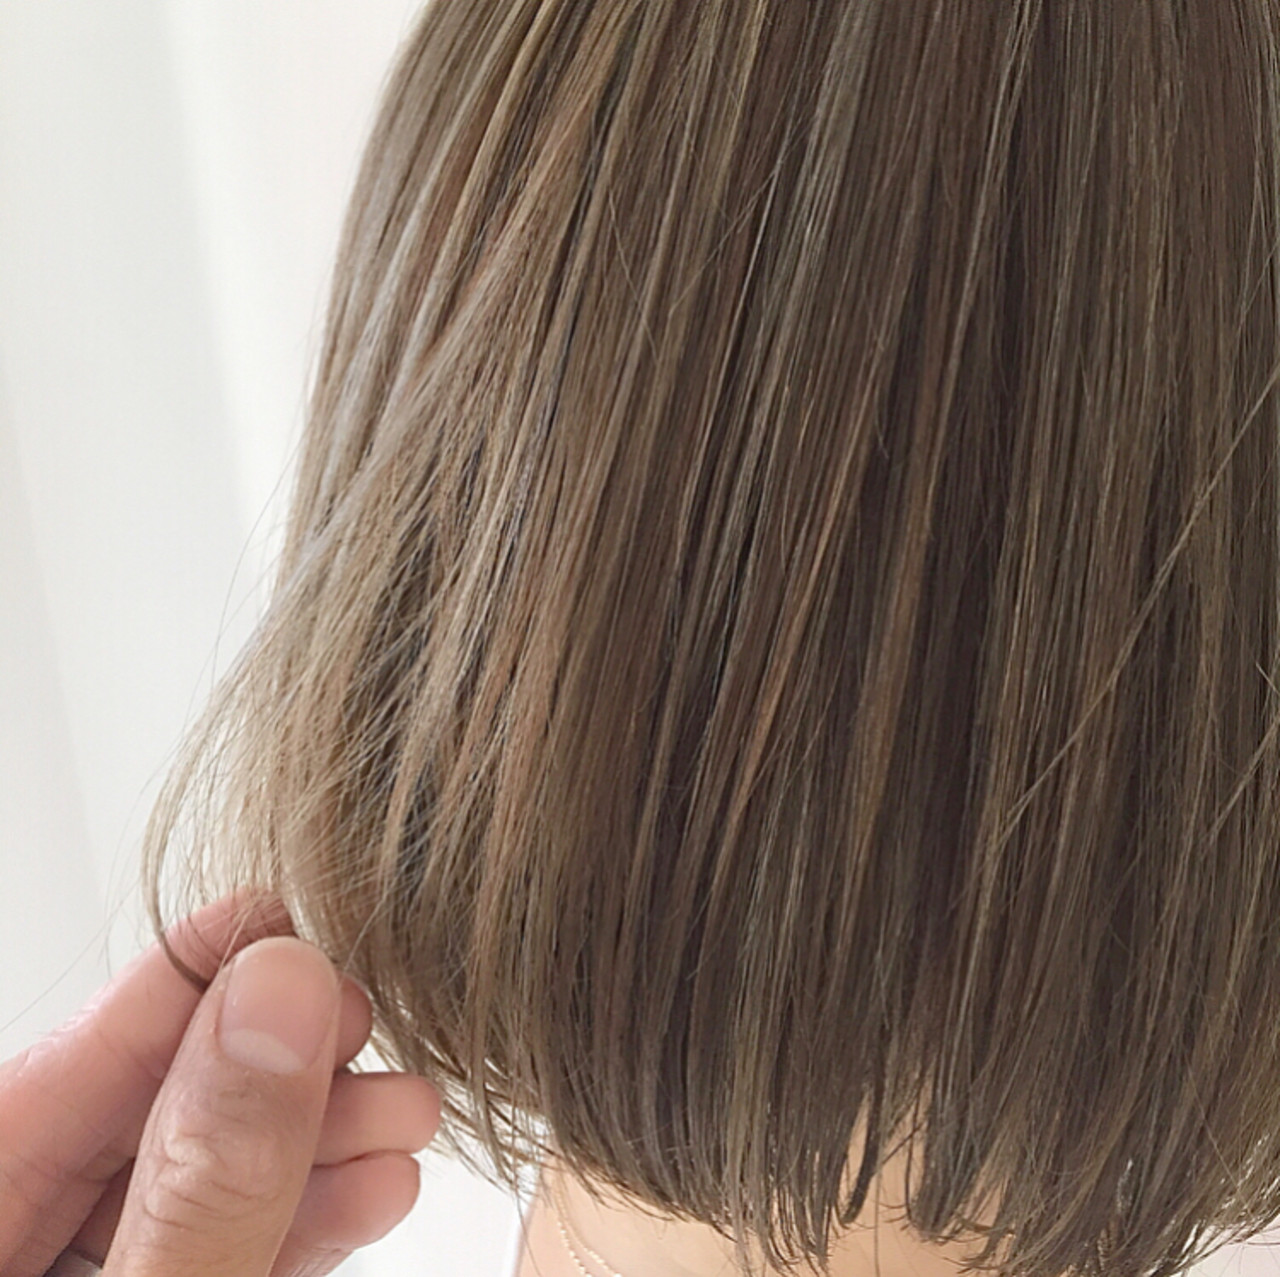 産後の髪質変化とシャンプー